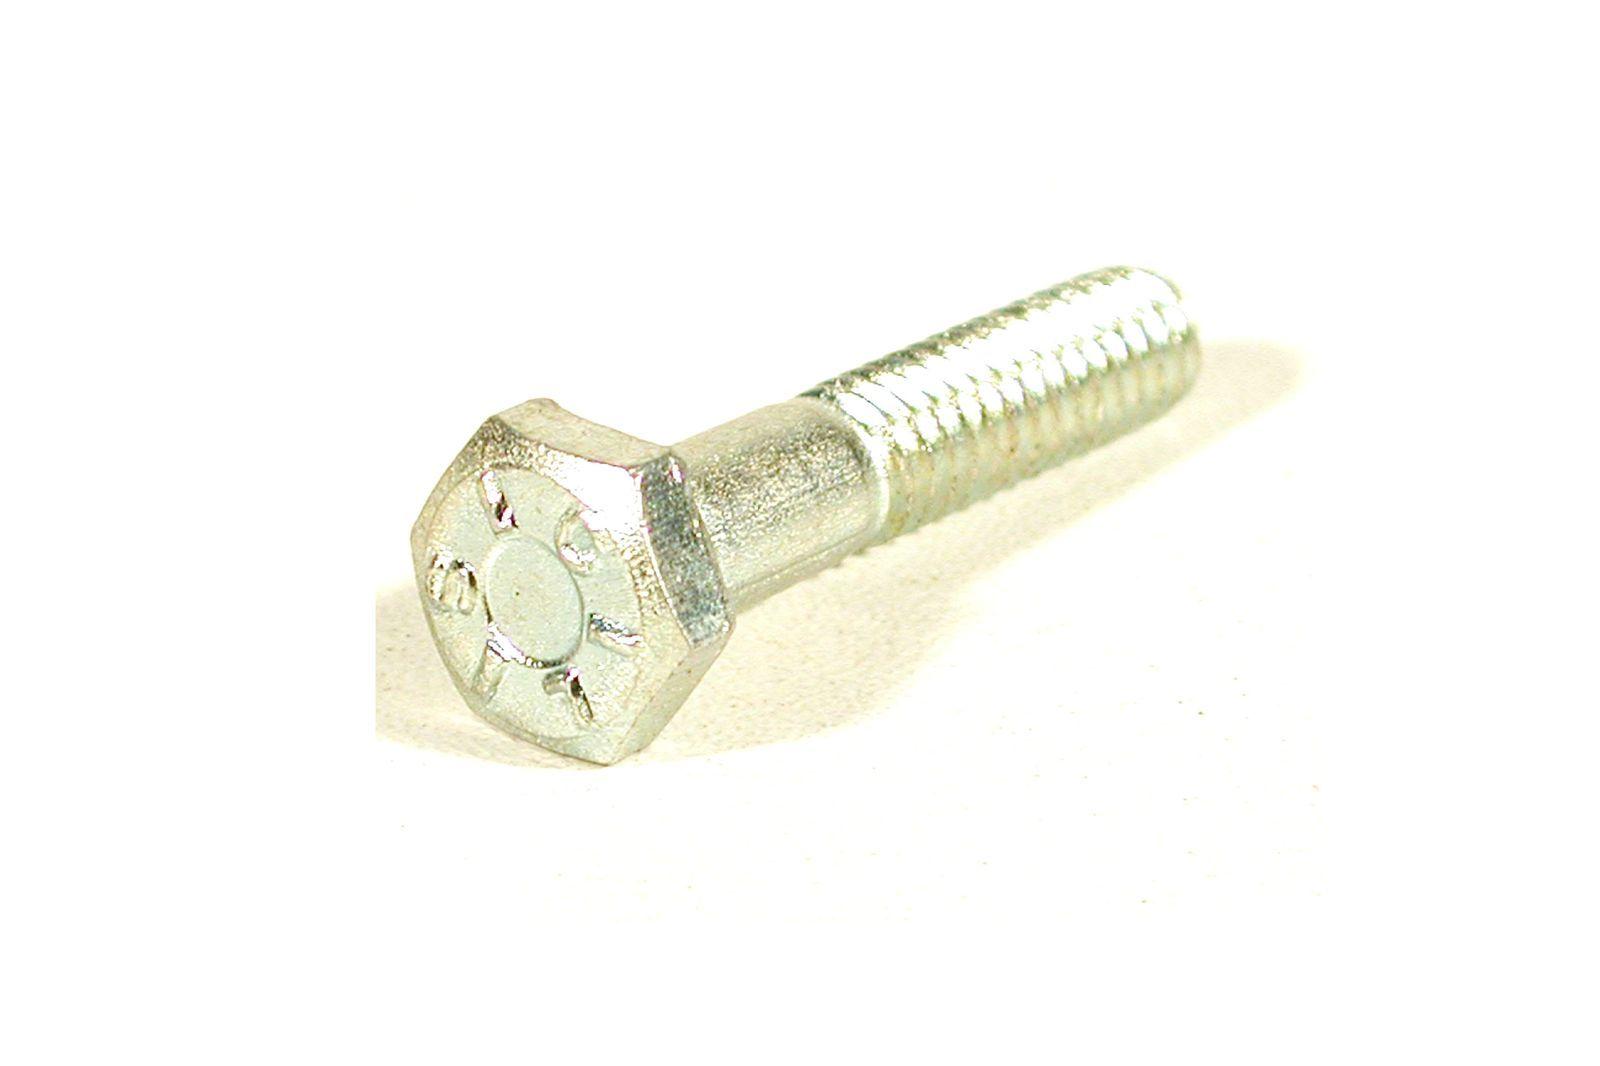 """#1001-02 Bolzen UNC 1/4"""" x 1/1/4"""", BH504101"""